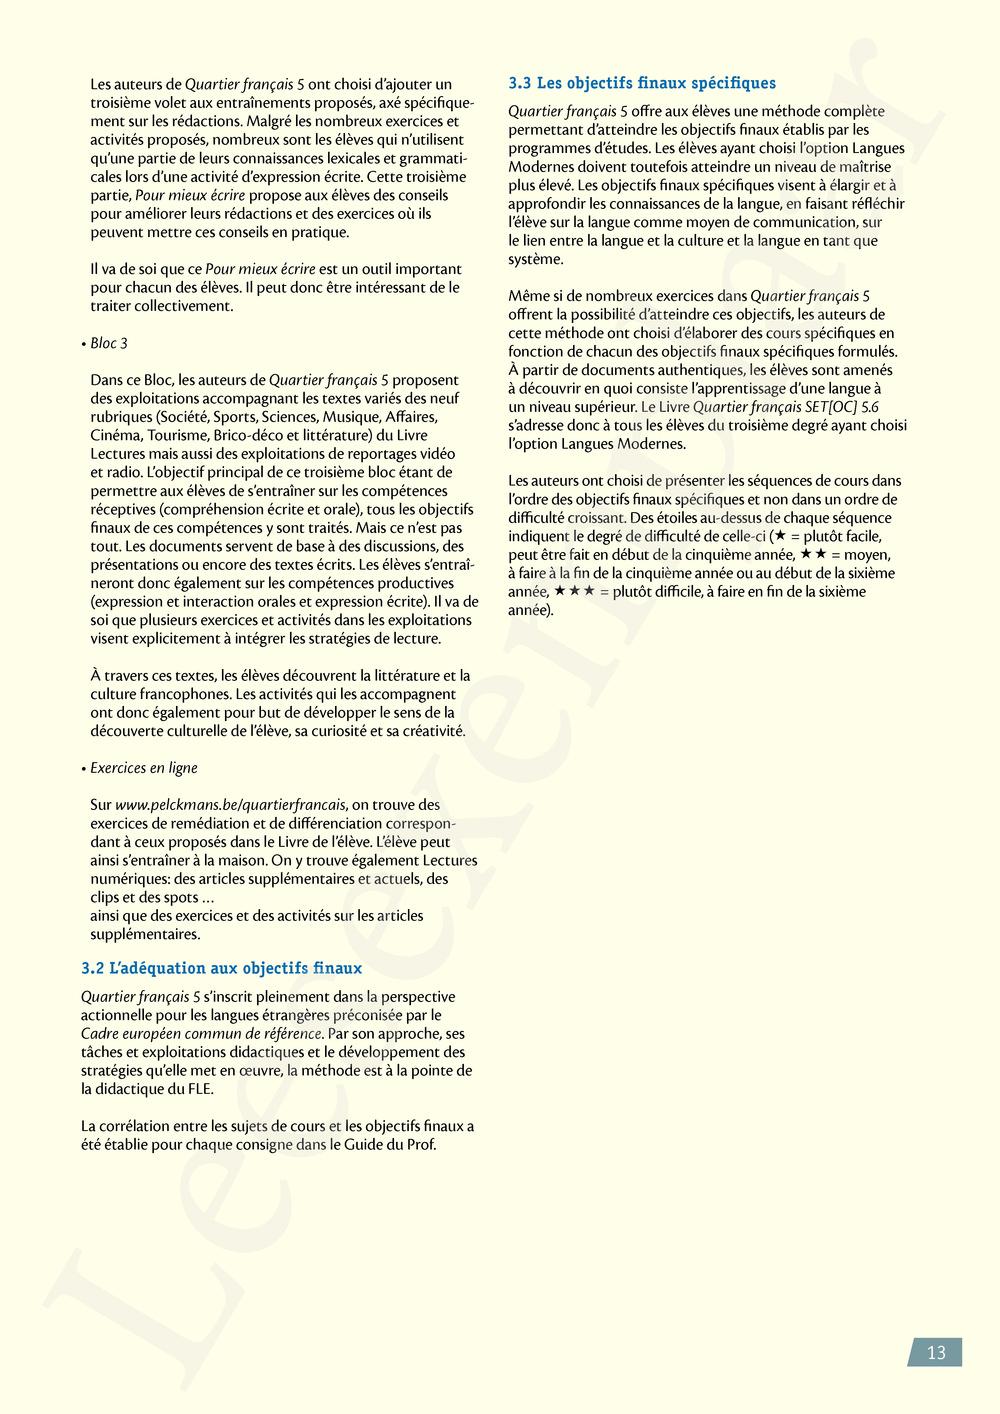 Preview: Quartier français 5 / 5/6 SET(OC) Handleiding